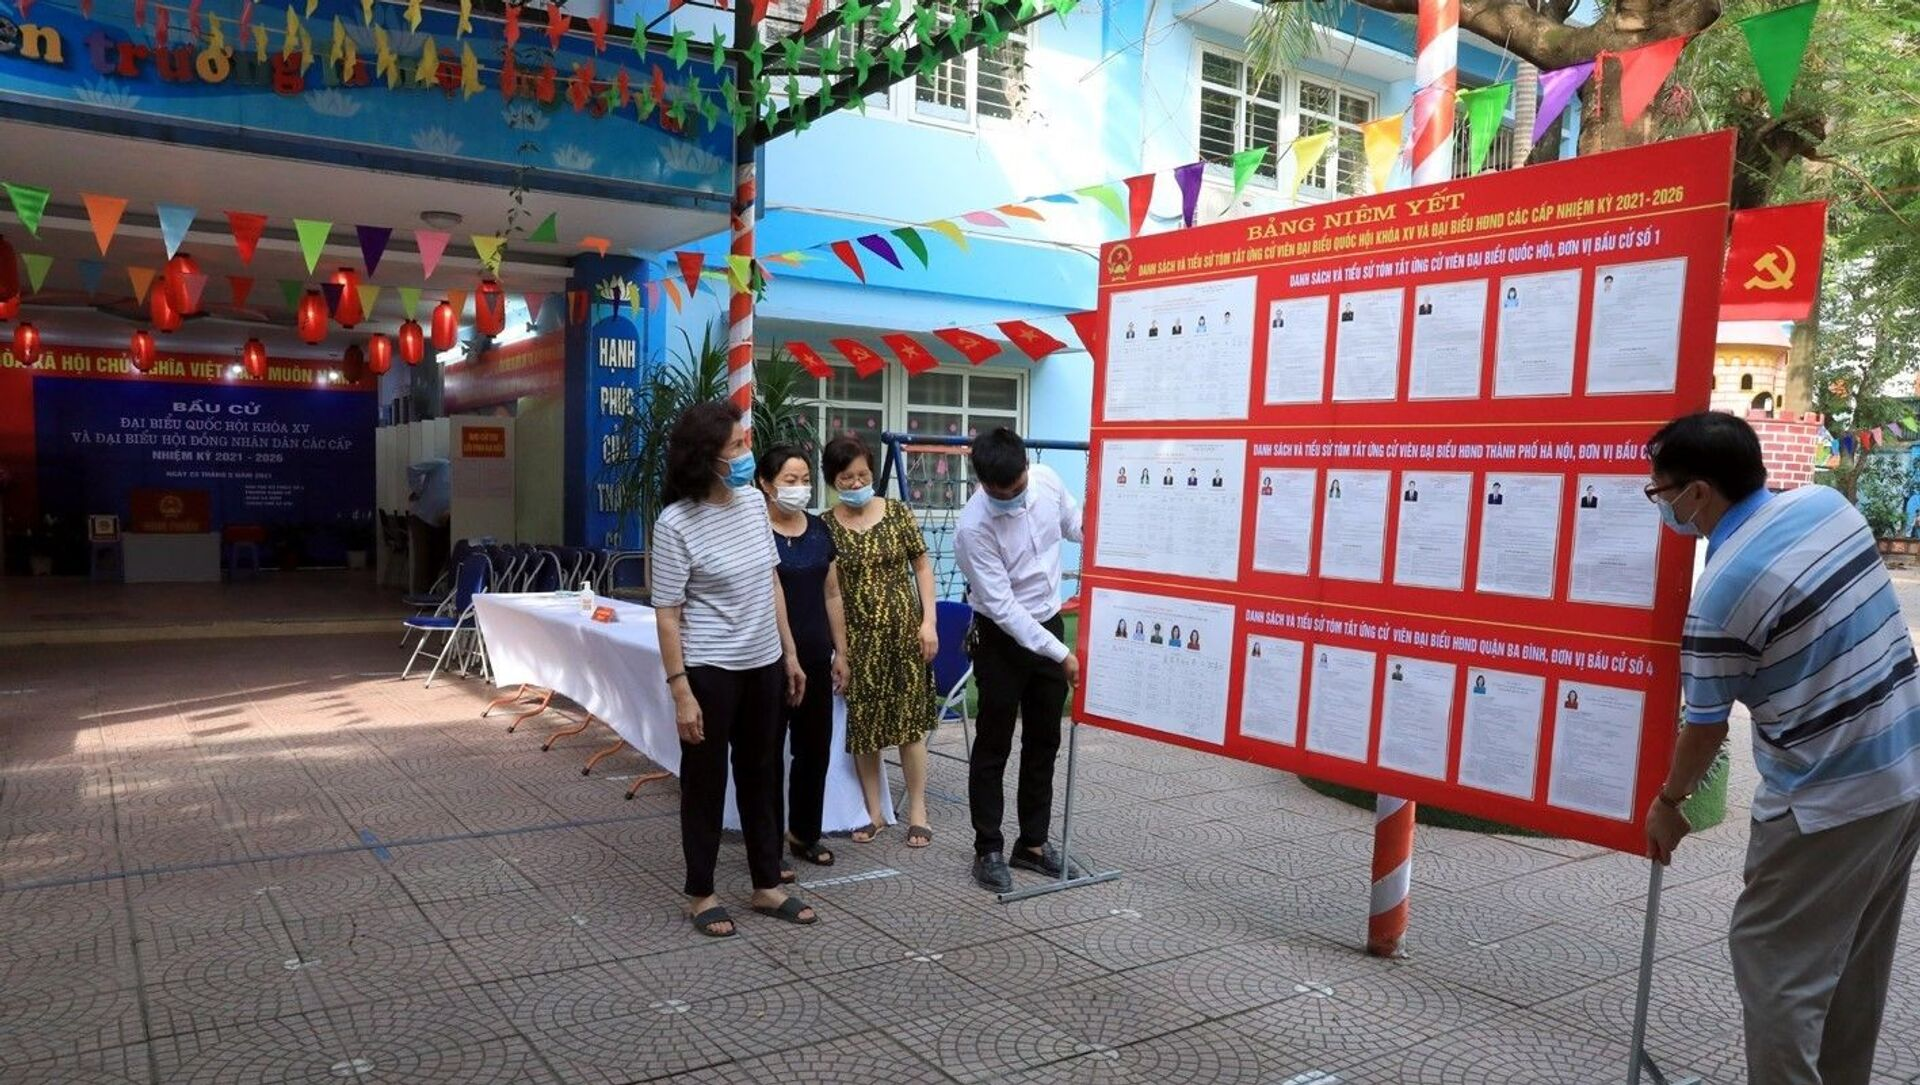 Công tác chuẩn bị được hoàn tất tại khu vực bỏ phiếu số 4 phường Giảng Võ, quận Ba Đình. - Sputnik Việt Nam, 1920, 22.05.2021